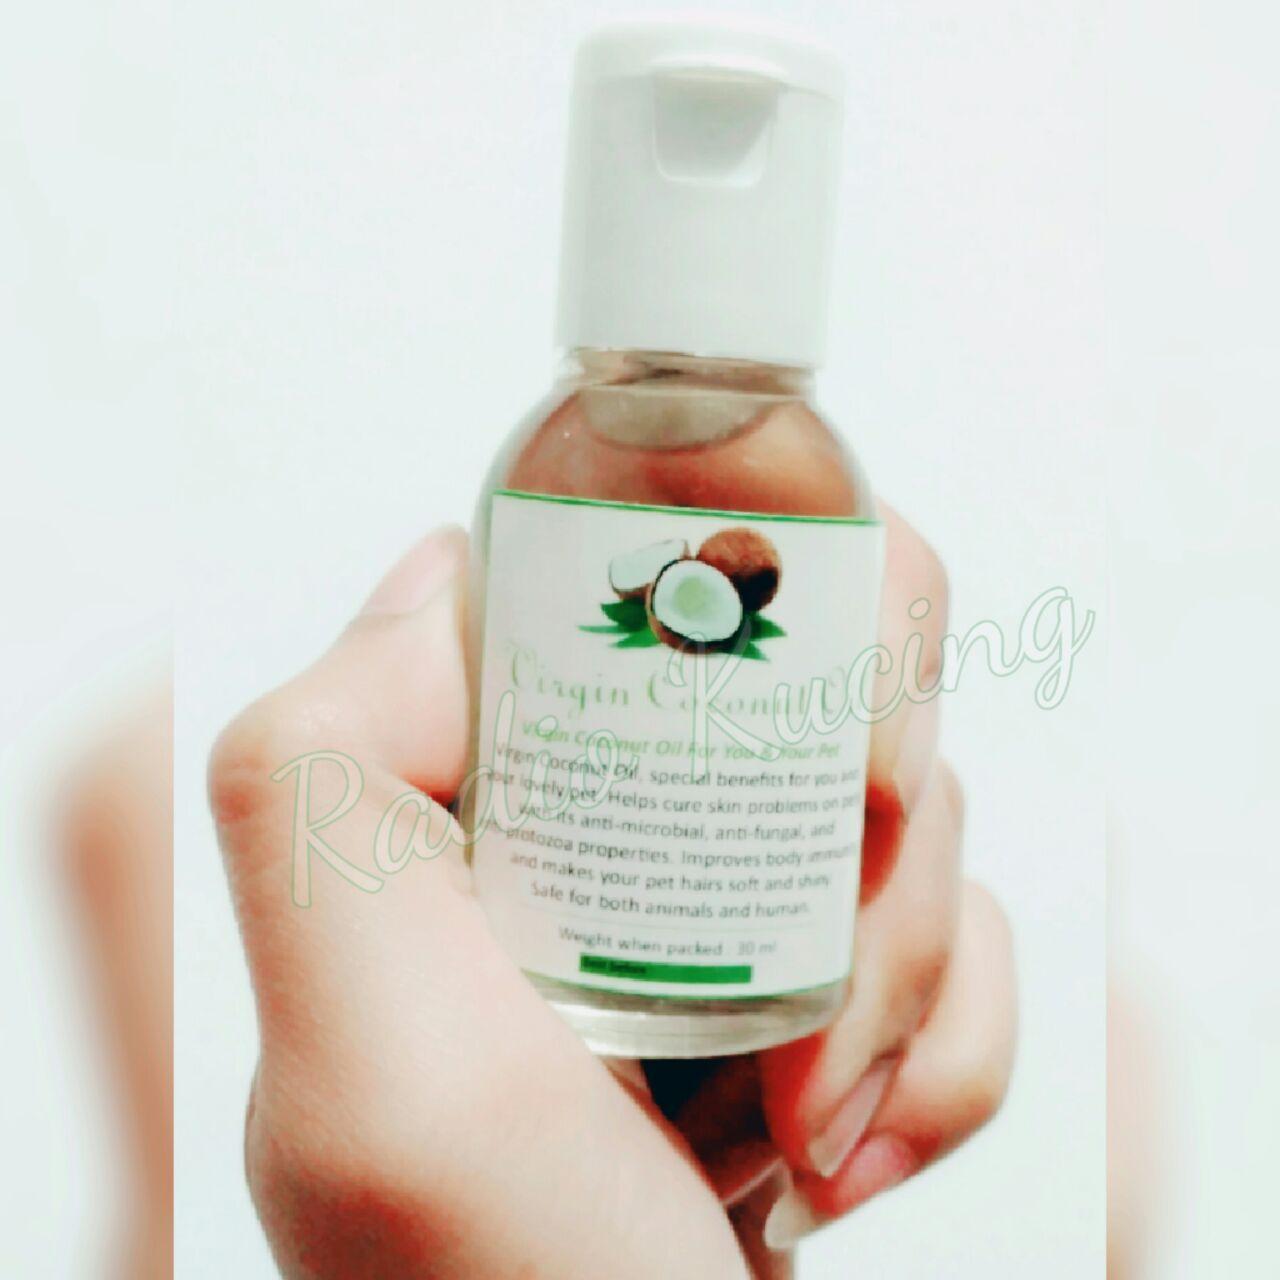 Review Minyak Kelapa Vco Bagus Utk Bulu Penghilang Jamur Dan Virgin Coconut Oil Vico By Bagoes Atau Murni Adalah Yang Dibuat Dari Bahan Kepala Dengan Proses Unik Sehingga Bisa Menjaga